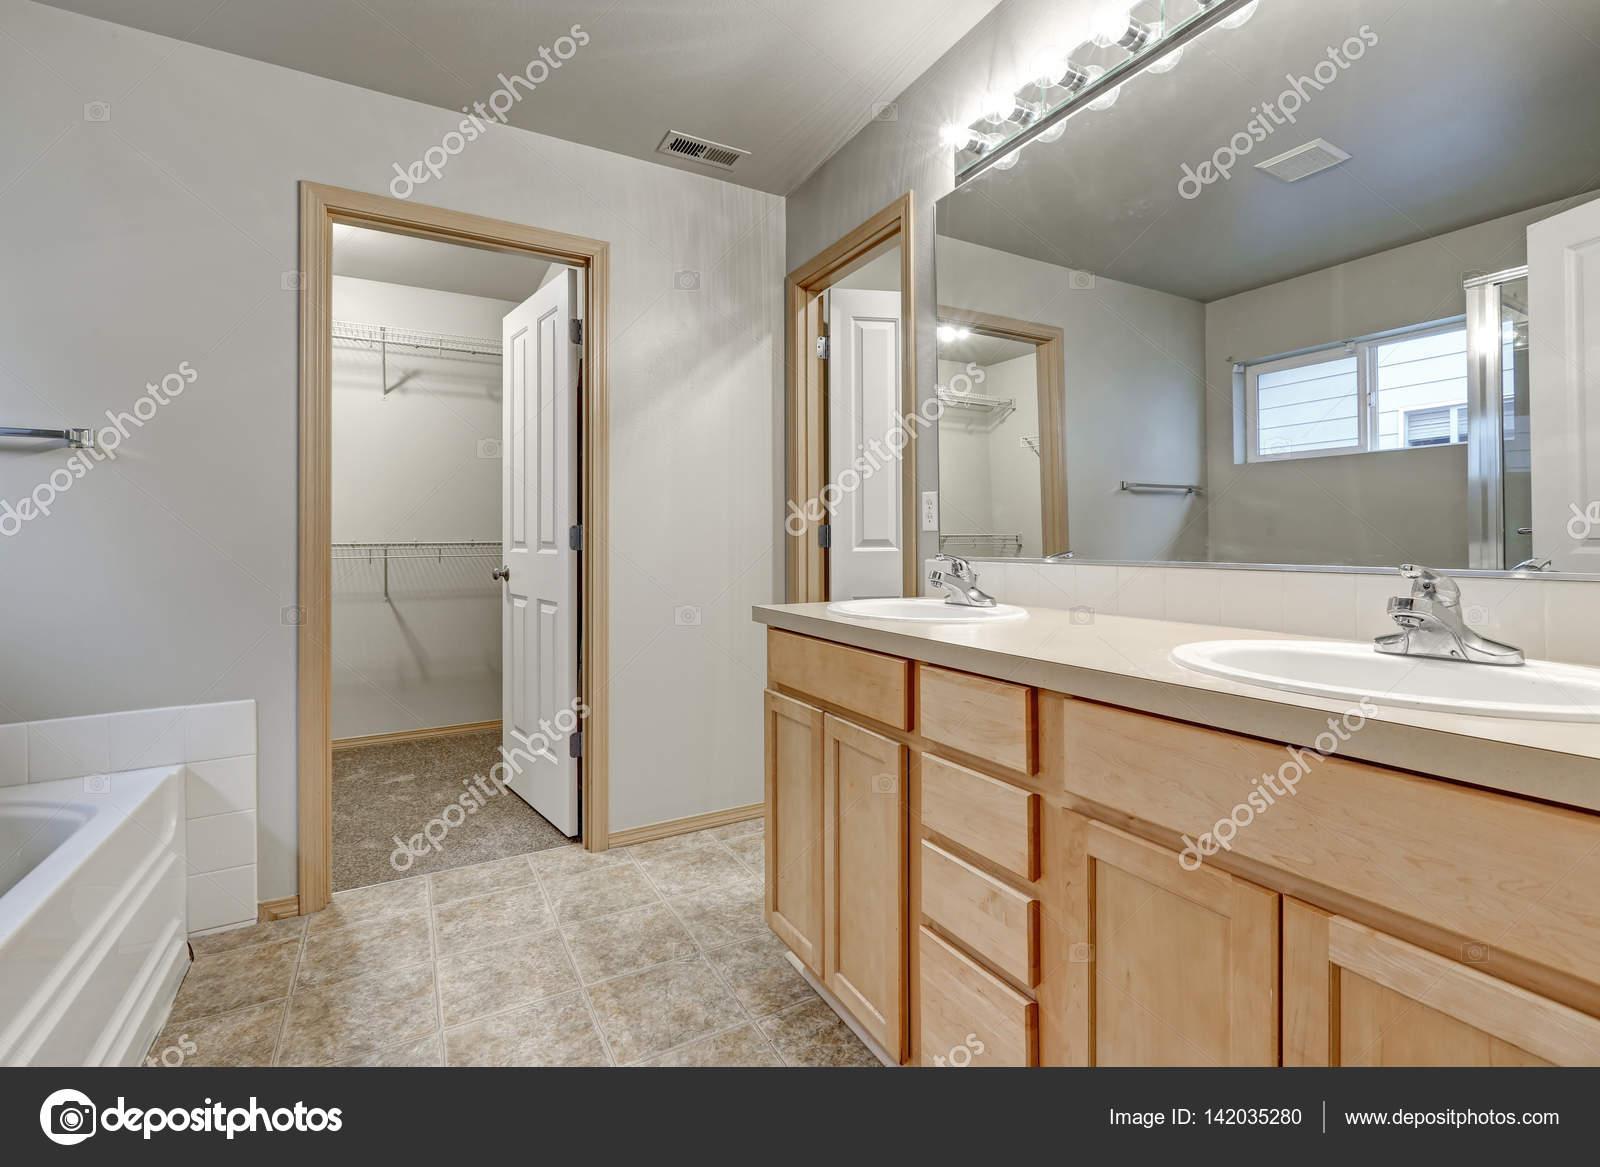 Graue Badezimmer Interieur Mit Doppelten Waschbecken Holz Eitelkeit  Kabinett Und Begehbaren Schrank. Nordwesten, Usa U2014 Foto Von Iriana88w